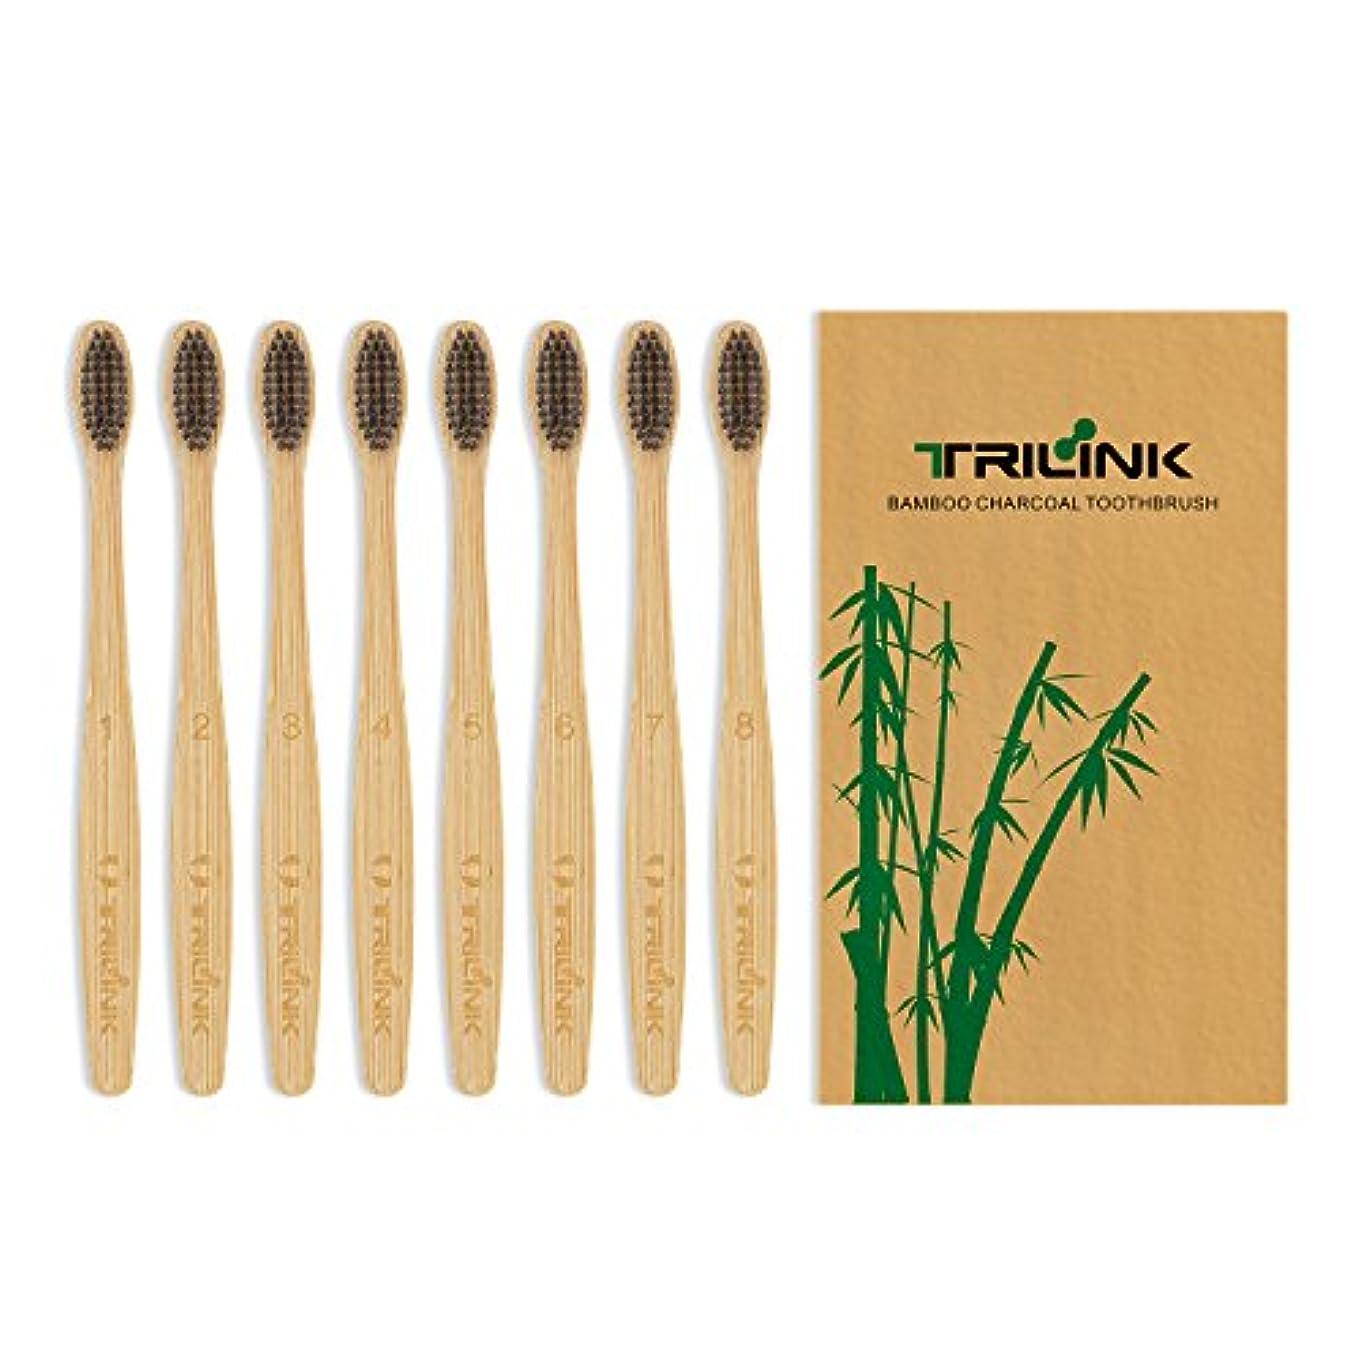 アンテナ秋アイロニー大人用竹の歯ブラシ(8本) 環境保護 天然の柔らかい ハブラシ【 活性炭を注入】